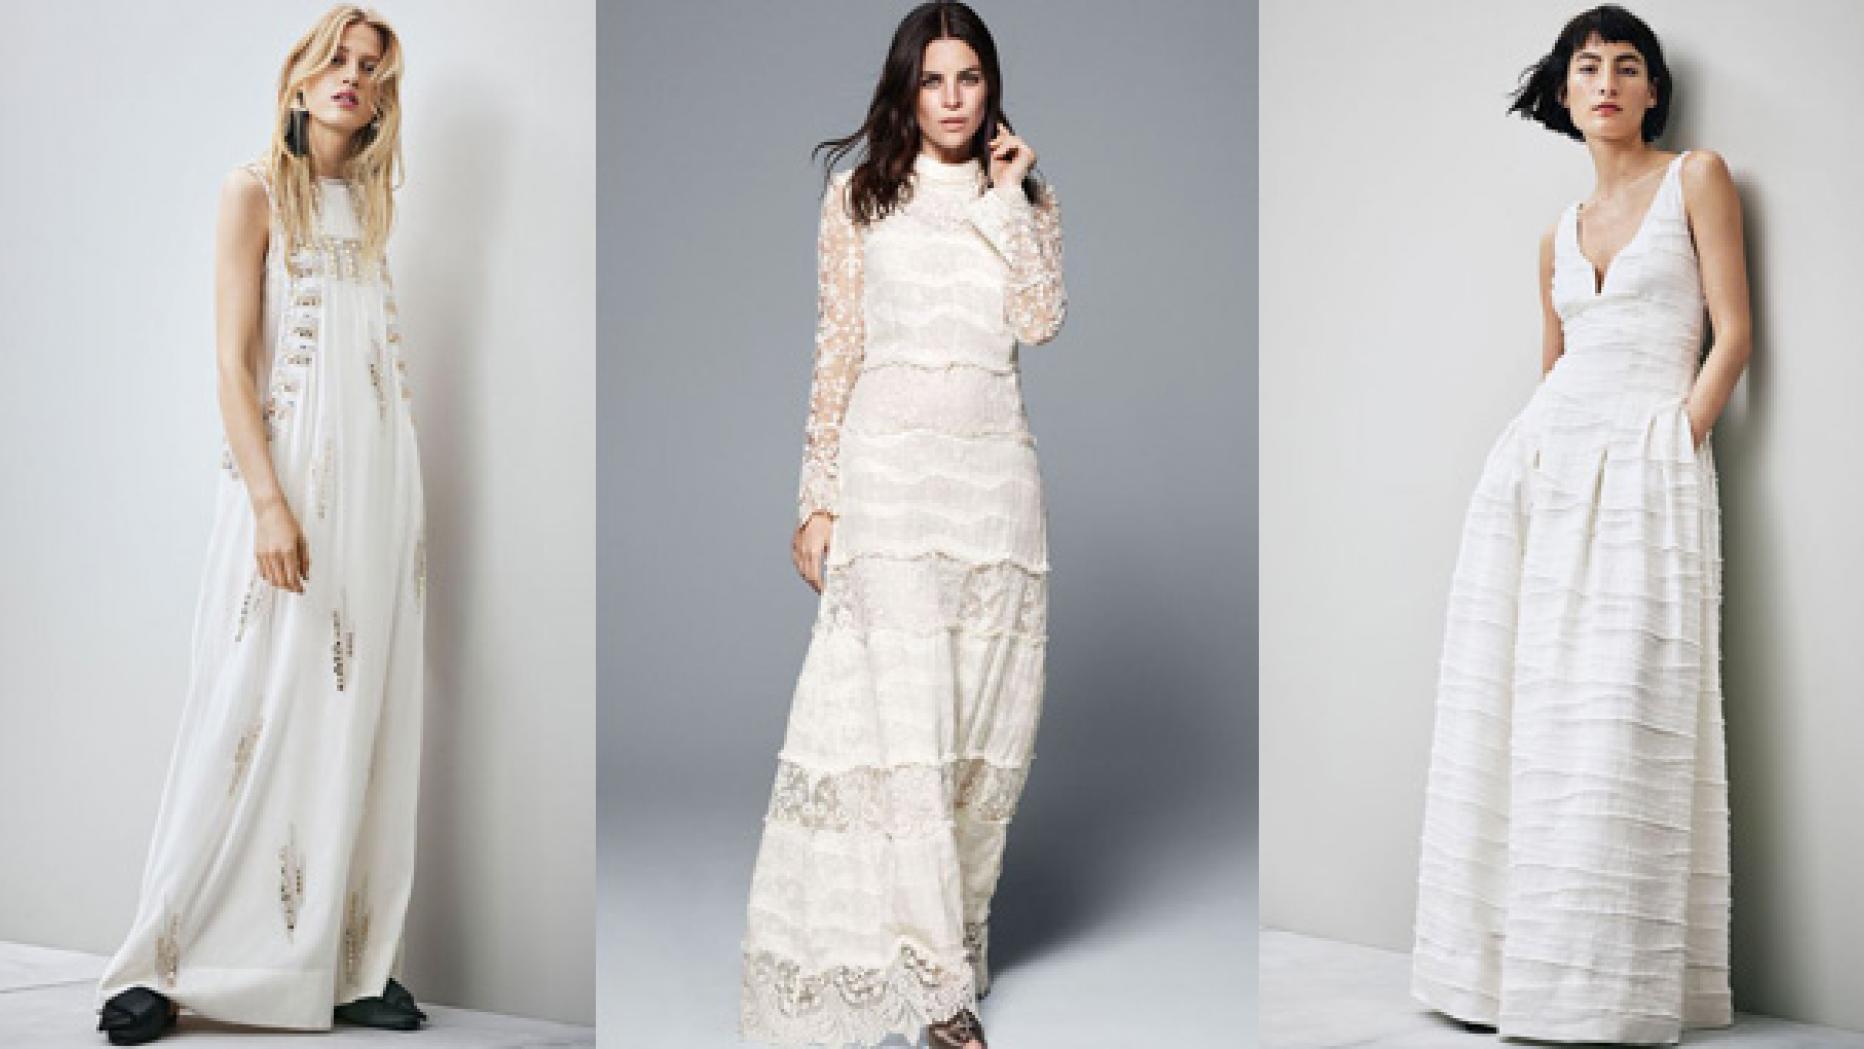 H&m Bringt Hochzeitskleider Auf Den Markt | Kurier.at